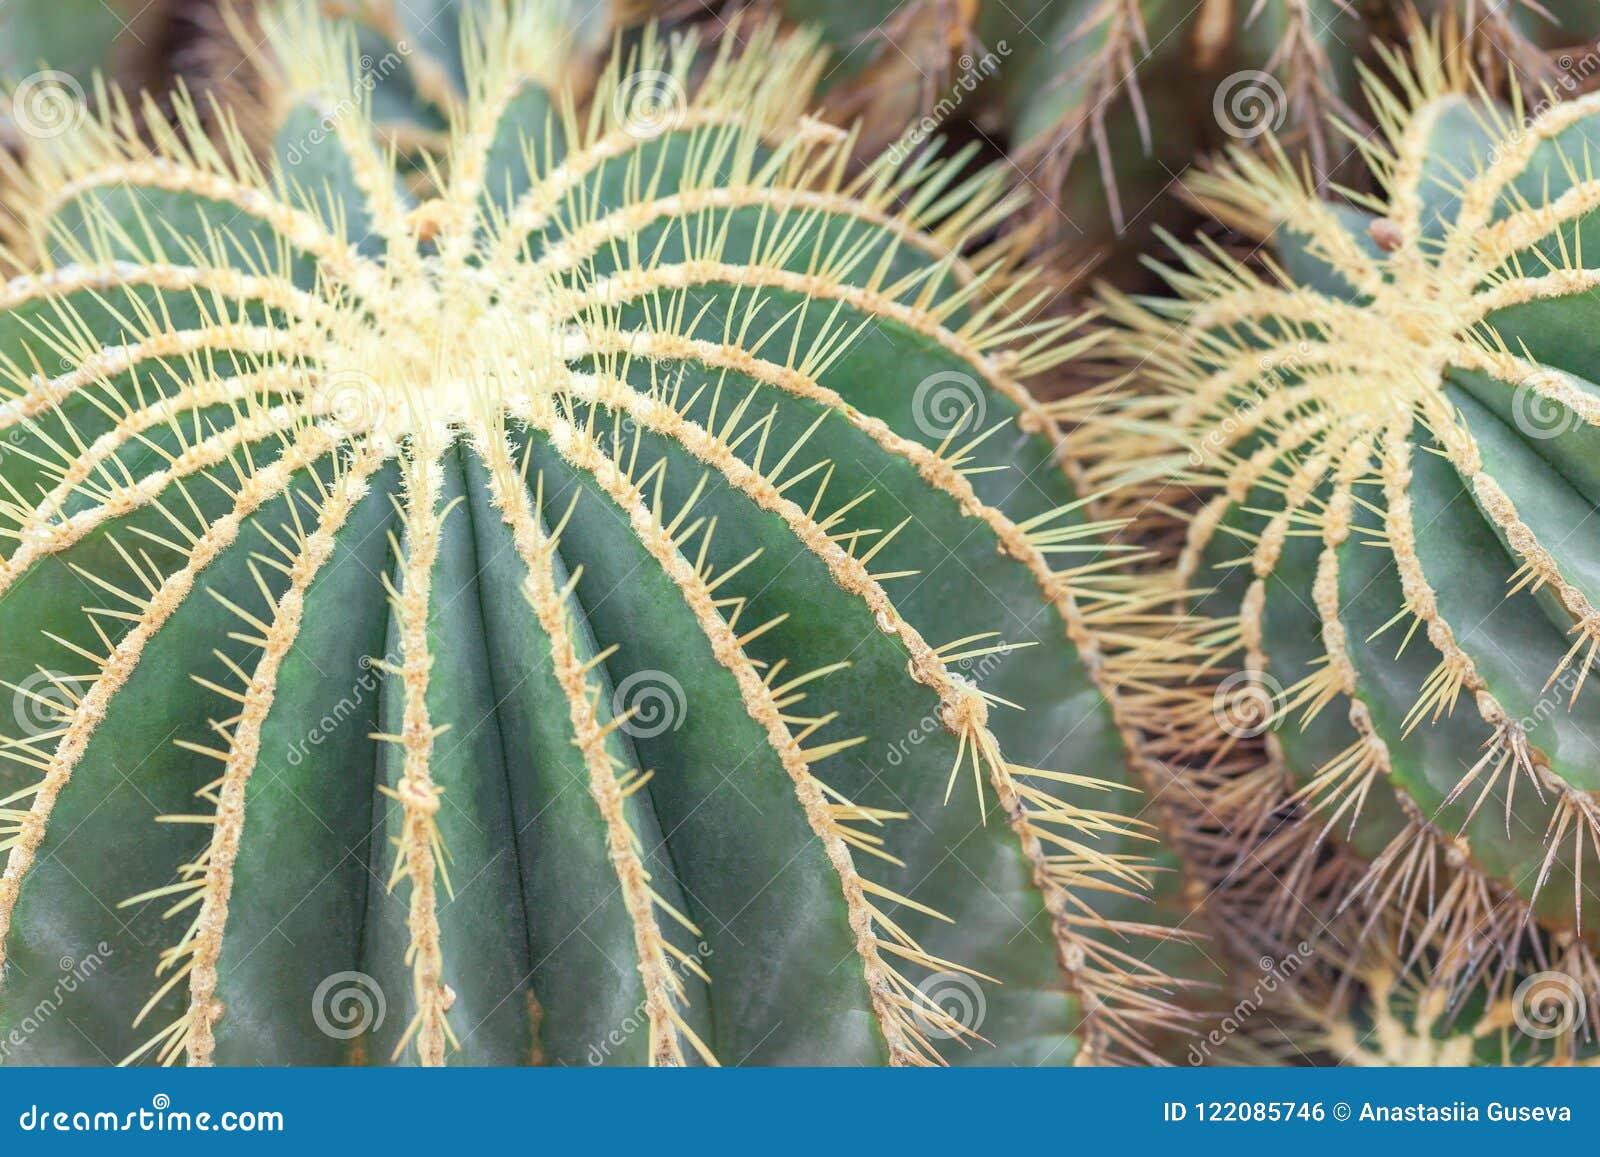 Golden Barrel Cactus, Echinocactus Grusonii Plant, closeup